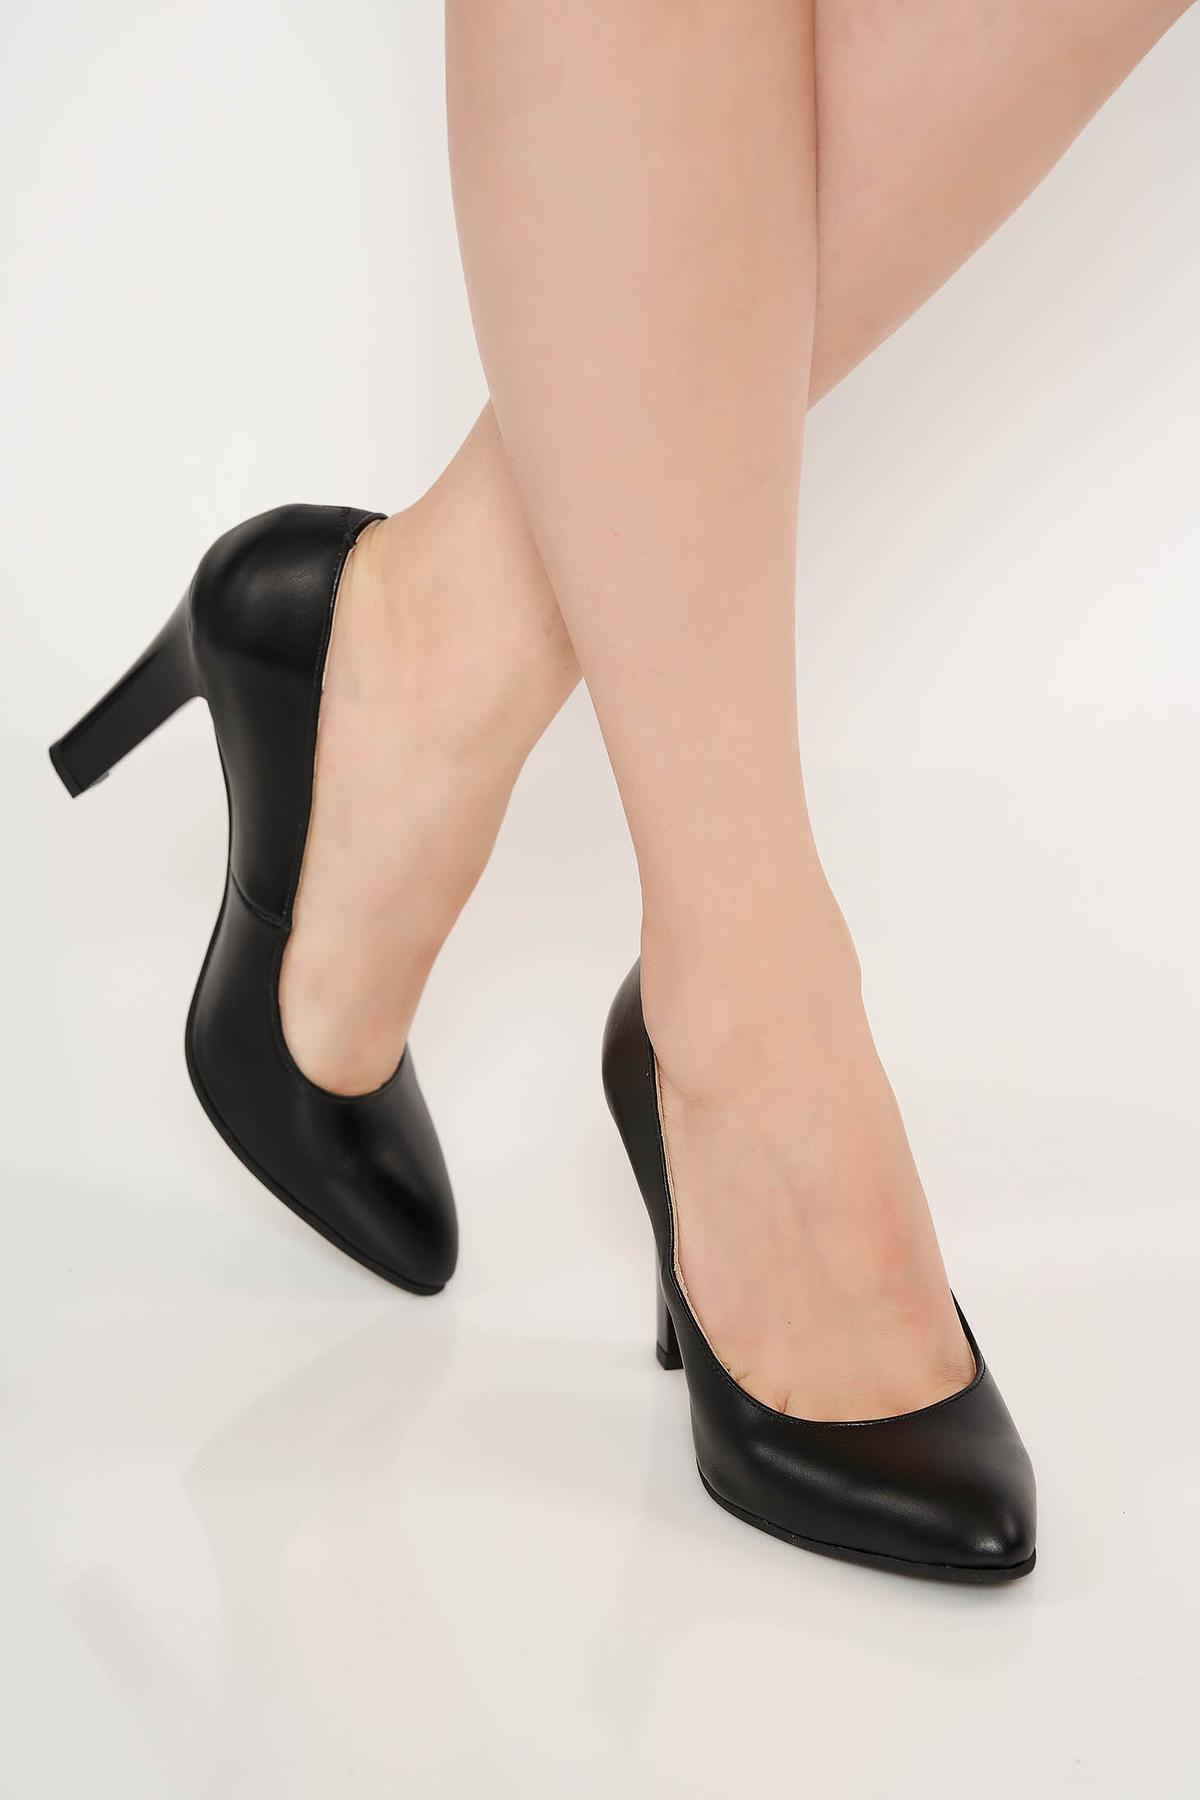 Pantofi negru elegant din piele naturala cu toc inalt cu varful usor ascutit